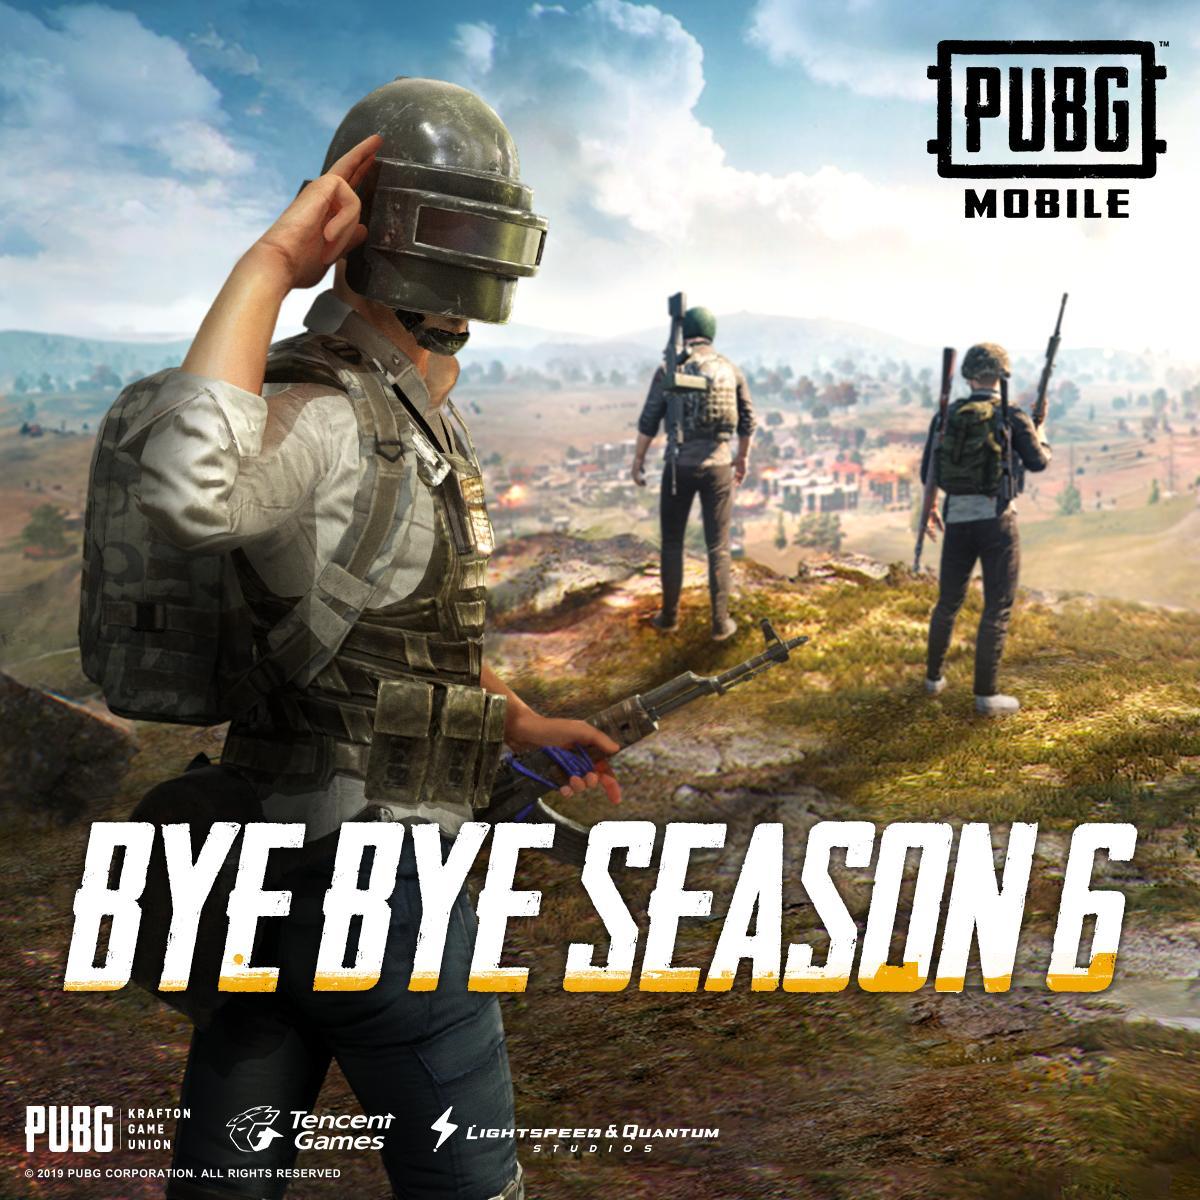 pubg rp hack season 6